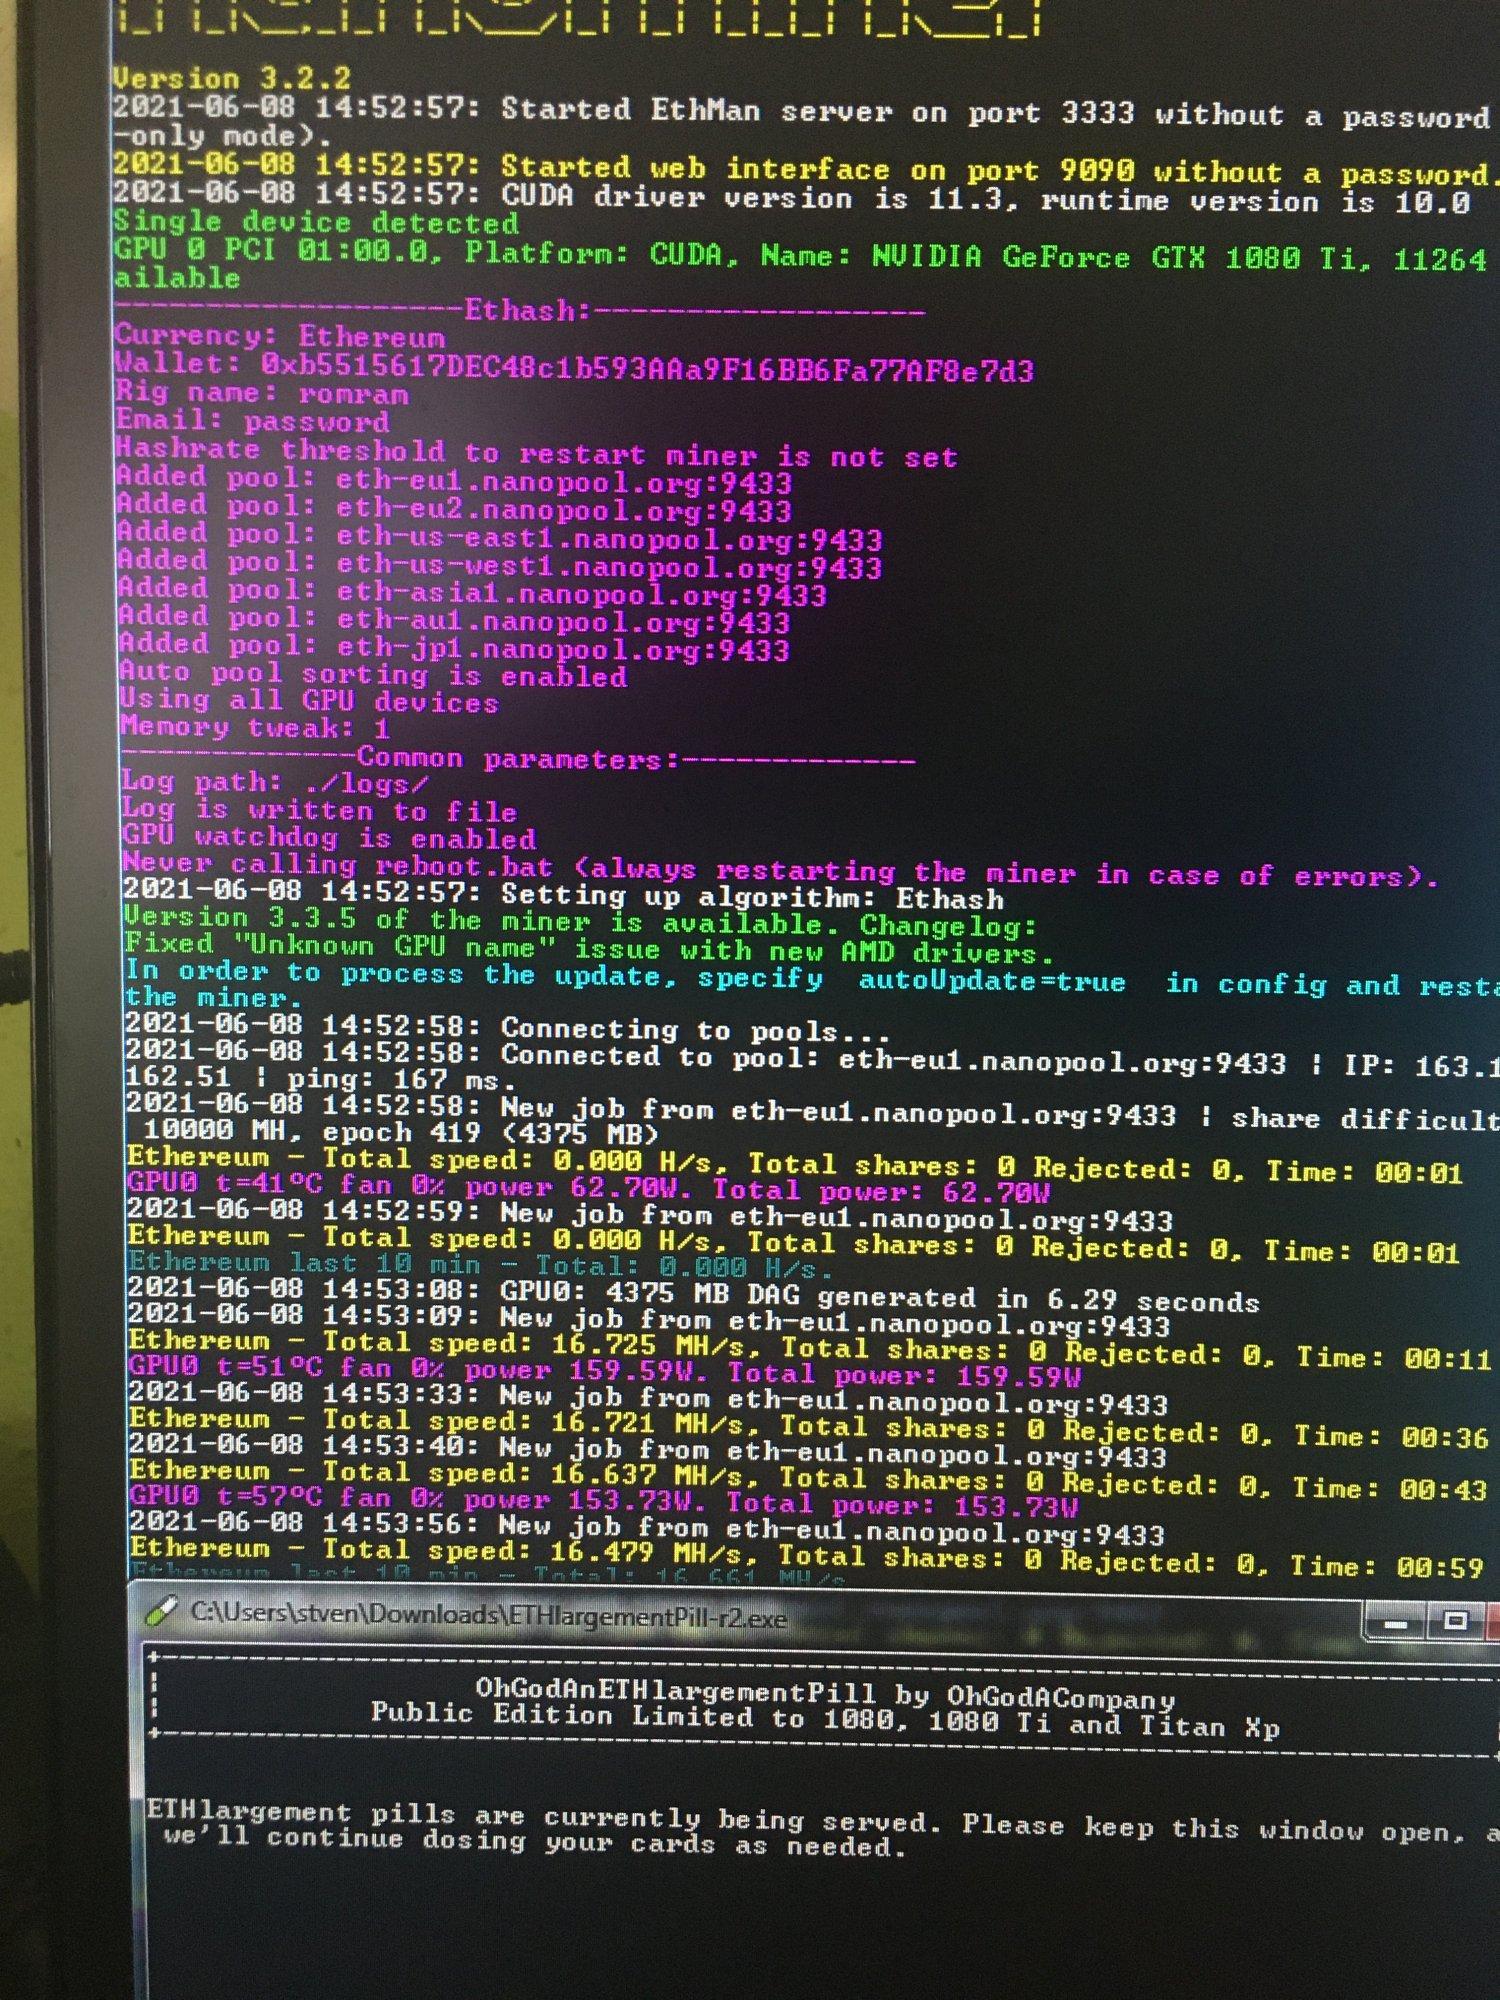 C6136514-837E-4AA5-9BA8-4F4FB9B4CD5C.jpeg